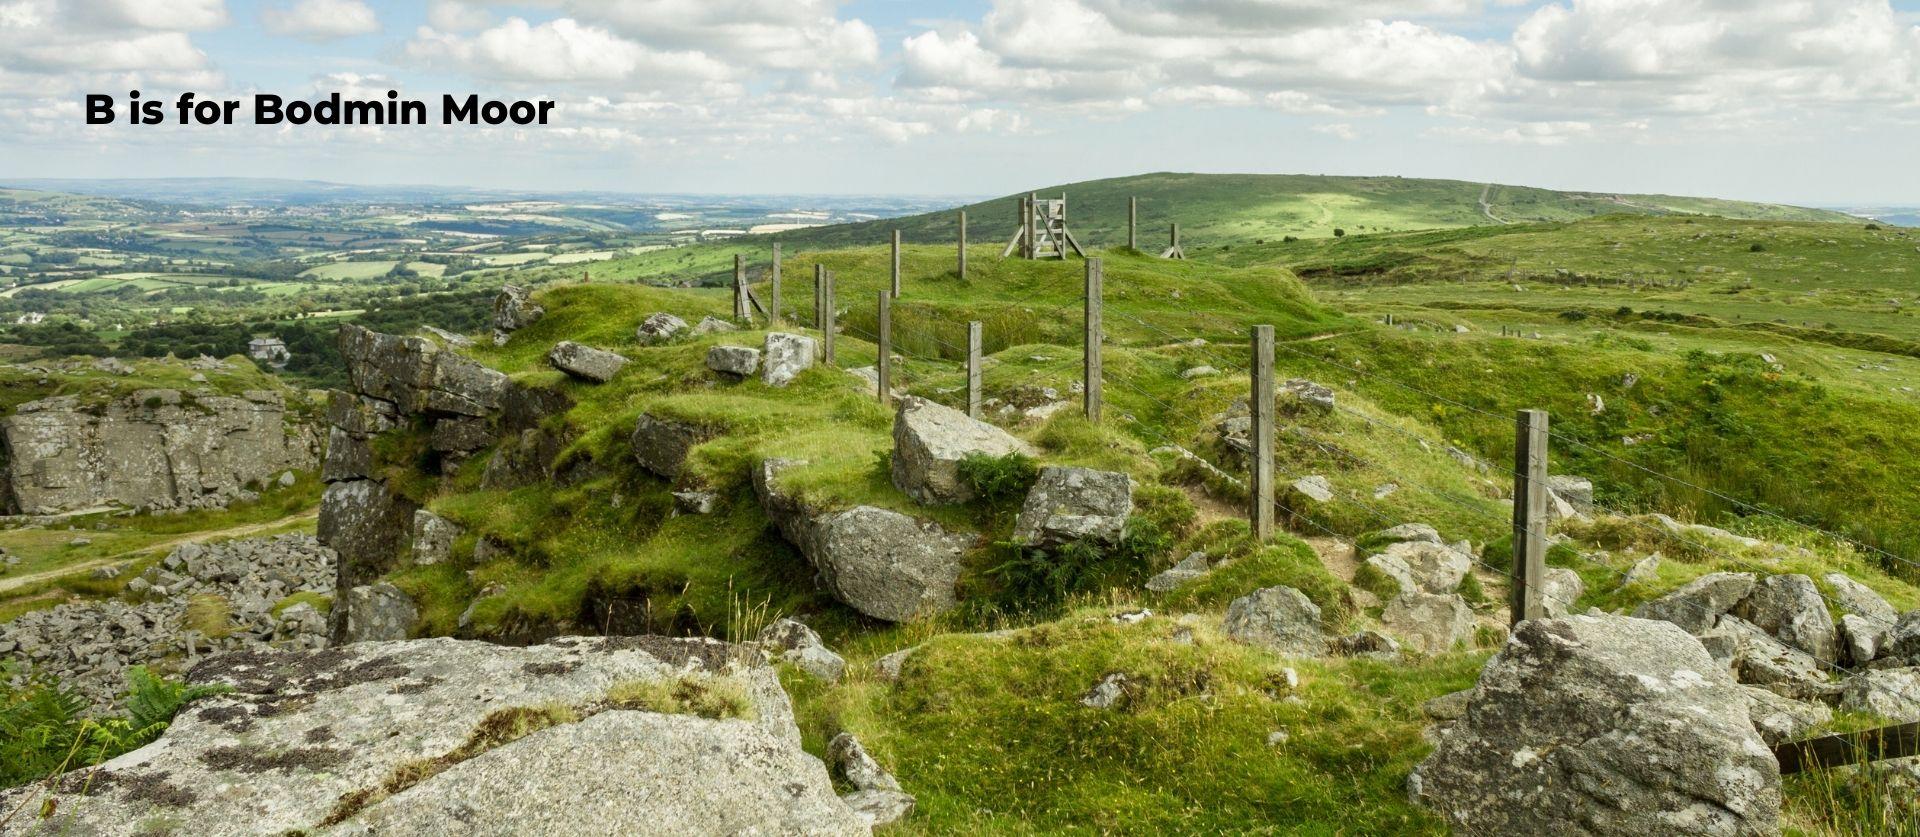 Bodmin Moor Cornwall